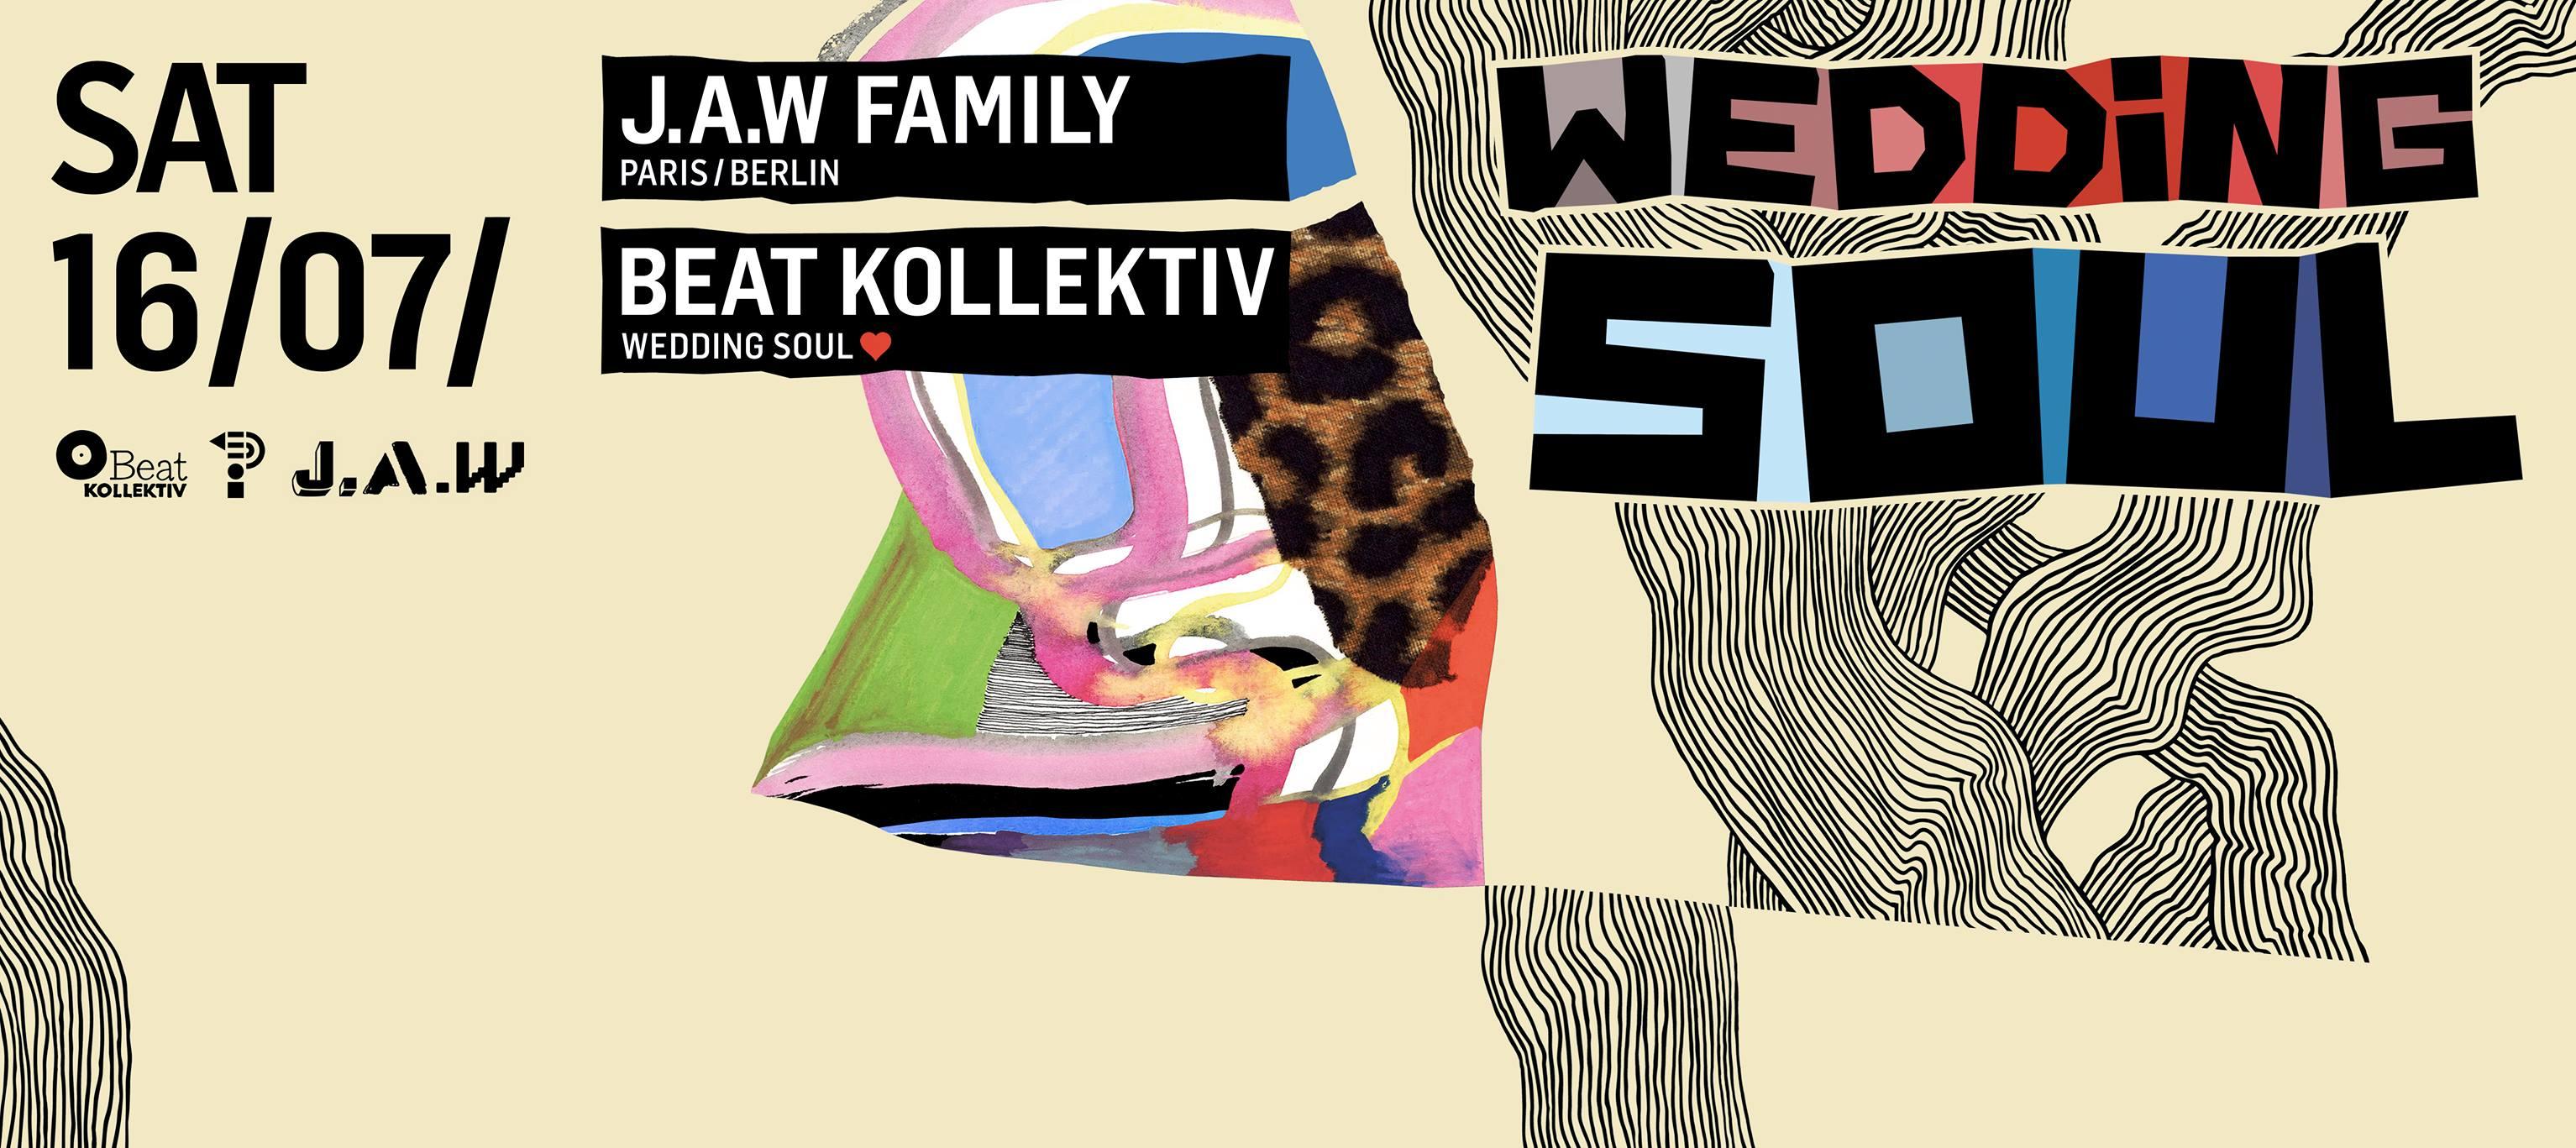 Wedding Soul 54 with Beat Kollektiv & J.A.W family